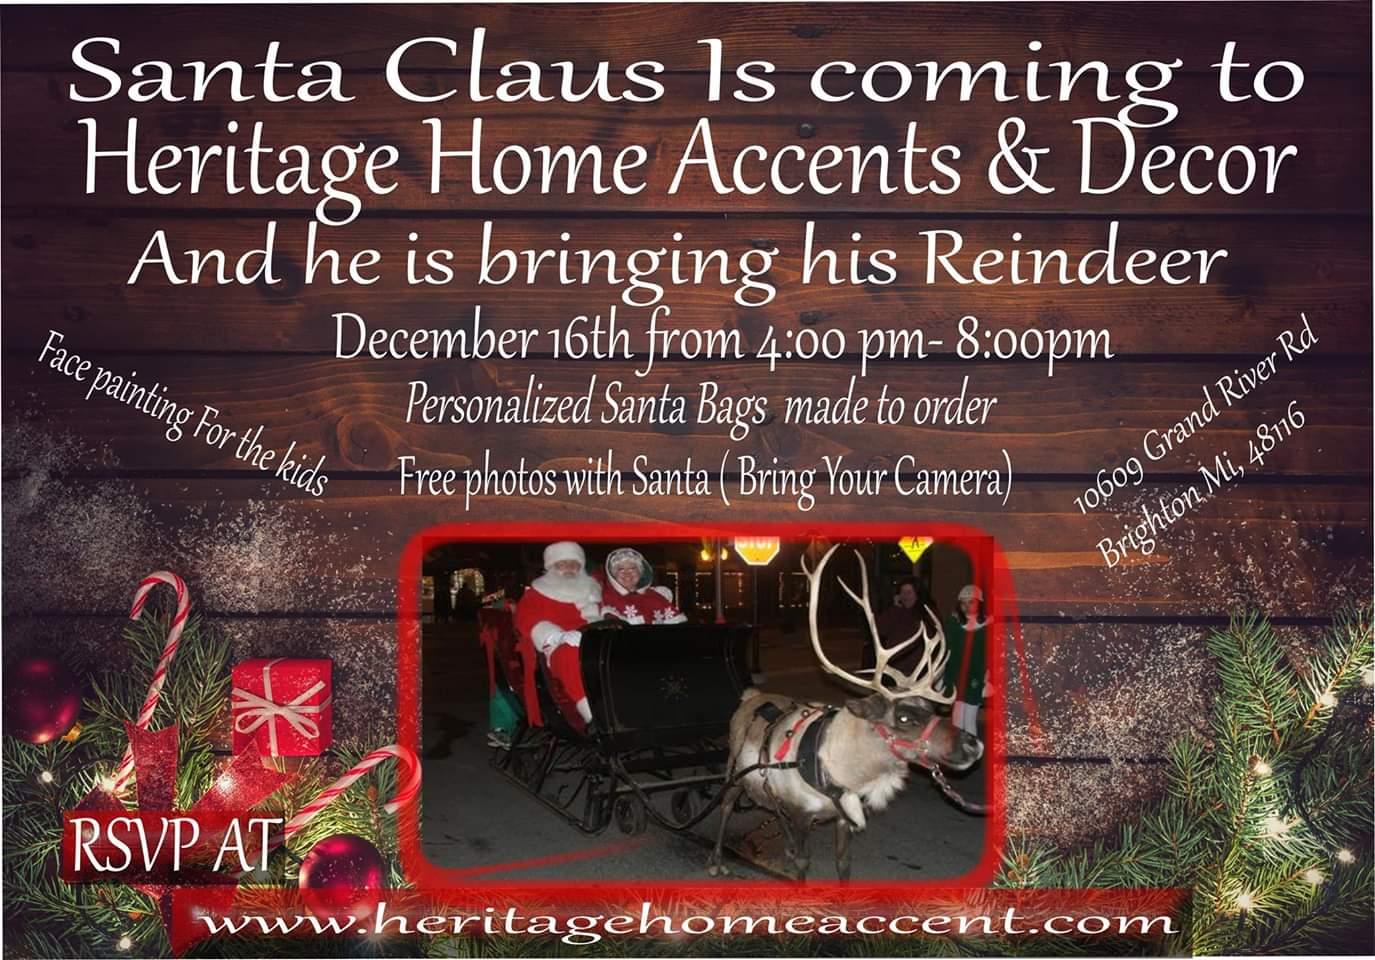 meet santa claus and his reindeer